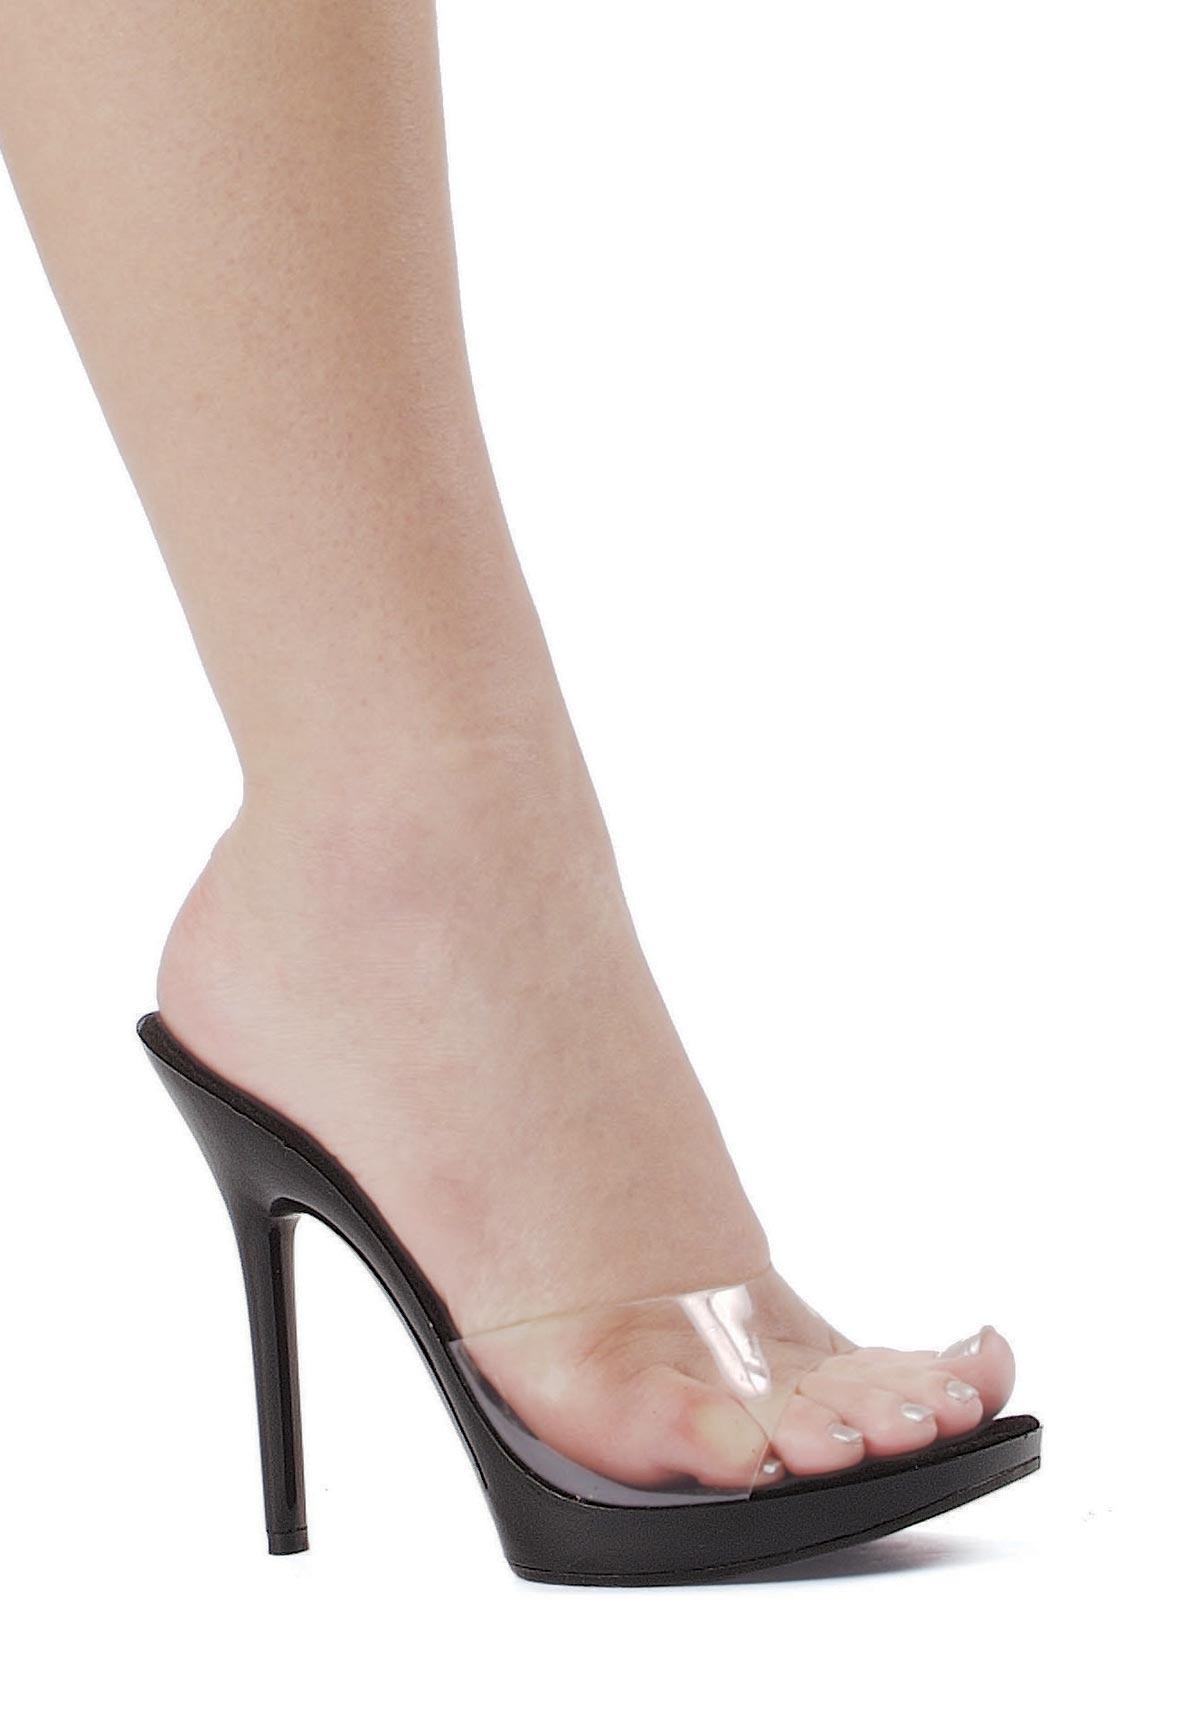 5 inch heel clear mule s size shoe ebay